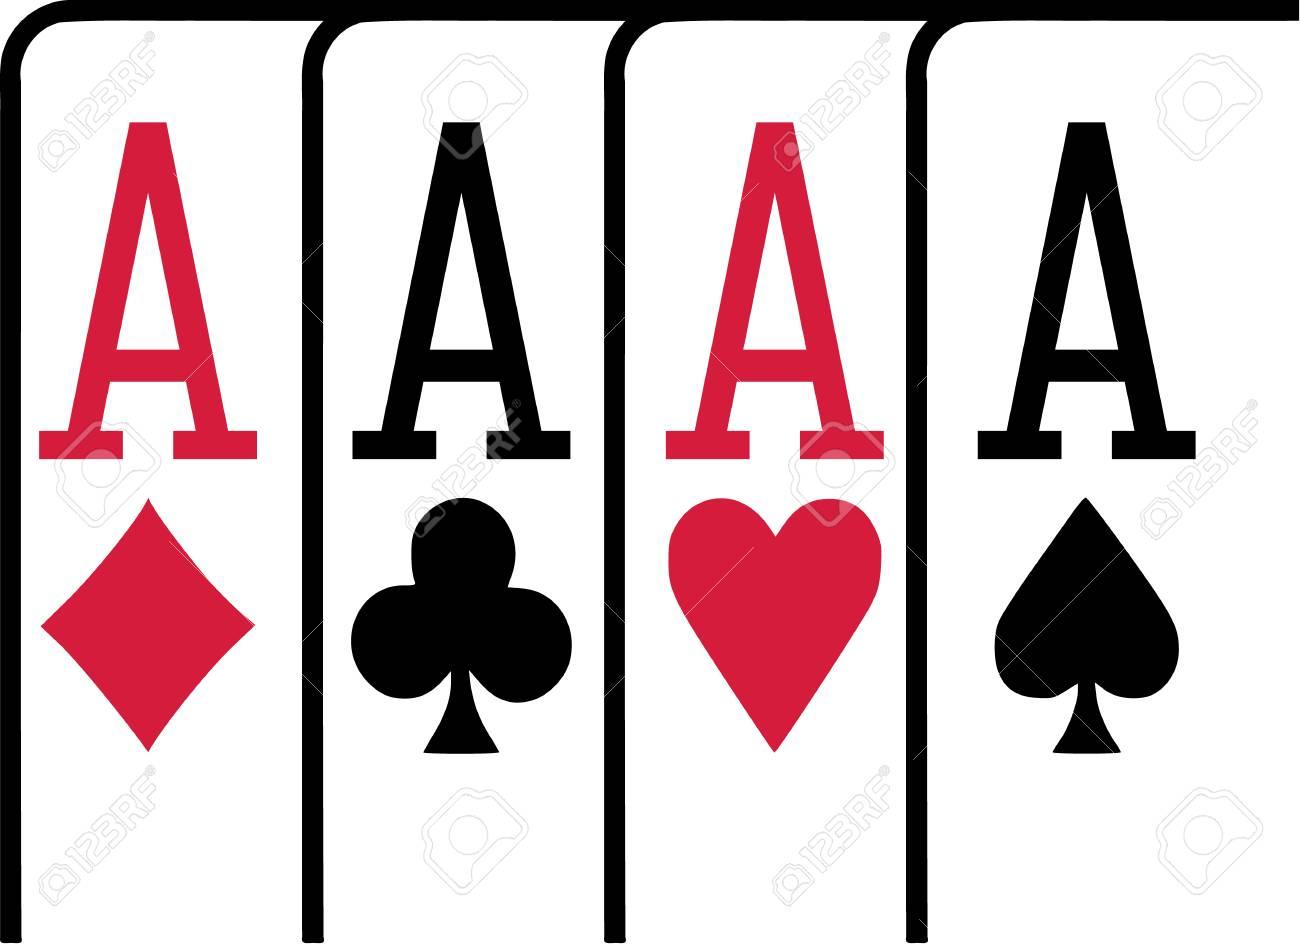 4 つのエース トランプ ポーカーを獲得のイラスト素材ベクタ Image